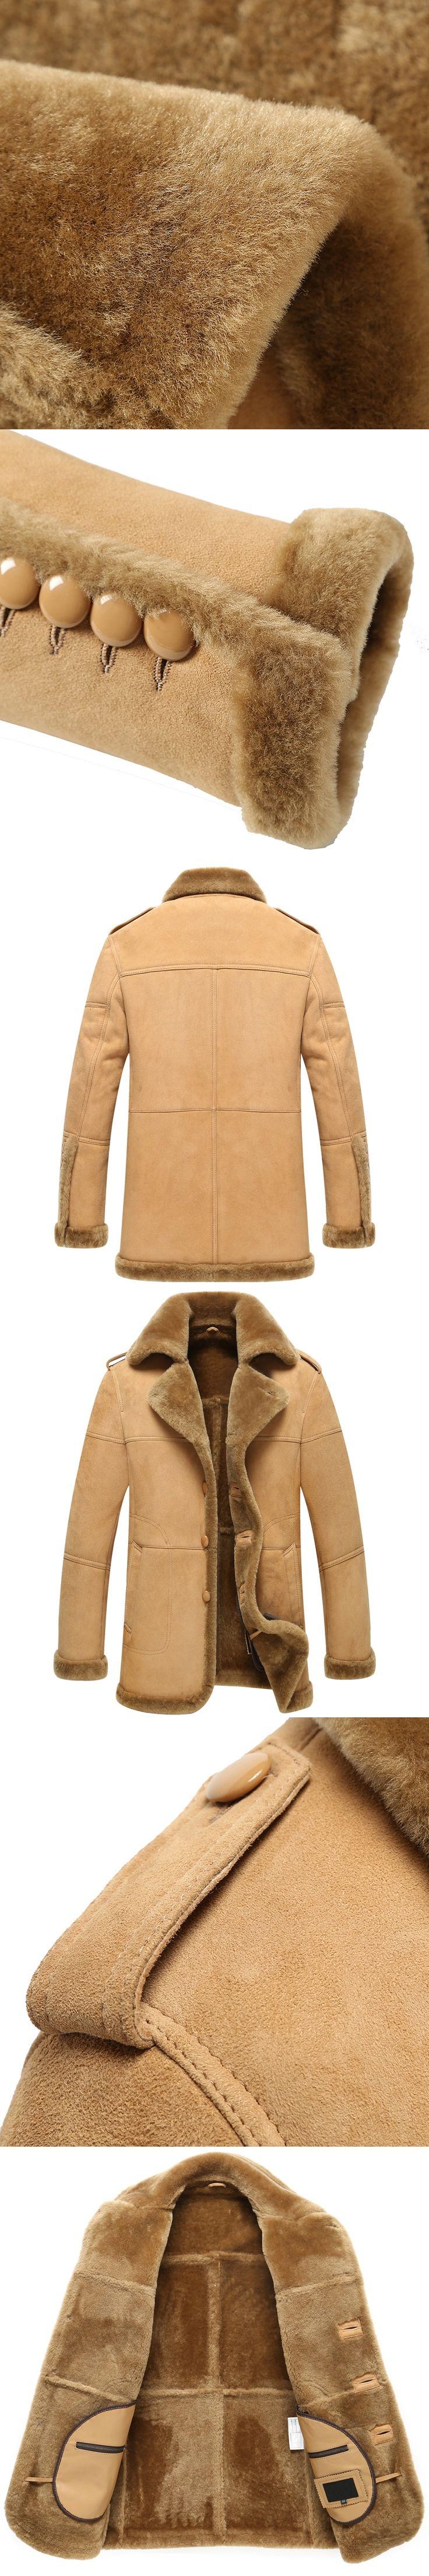 Leather Jacket Man Shearling Coat Sheepskin Jacket B-3 Bomber Outerwear Flight Coat TJ03